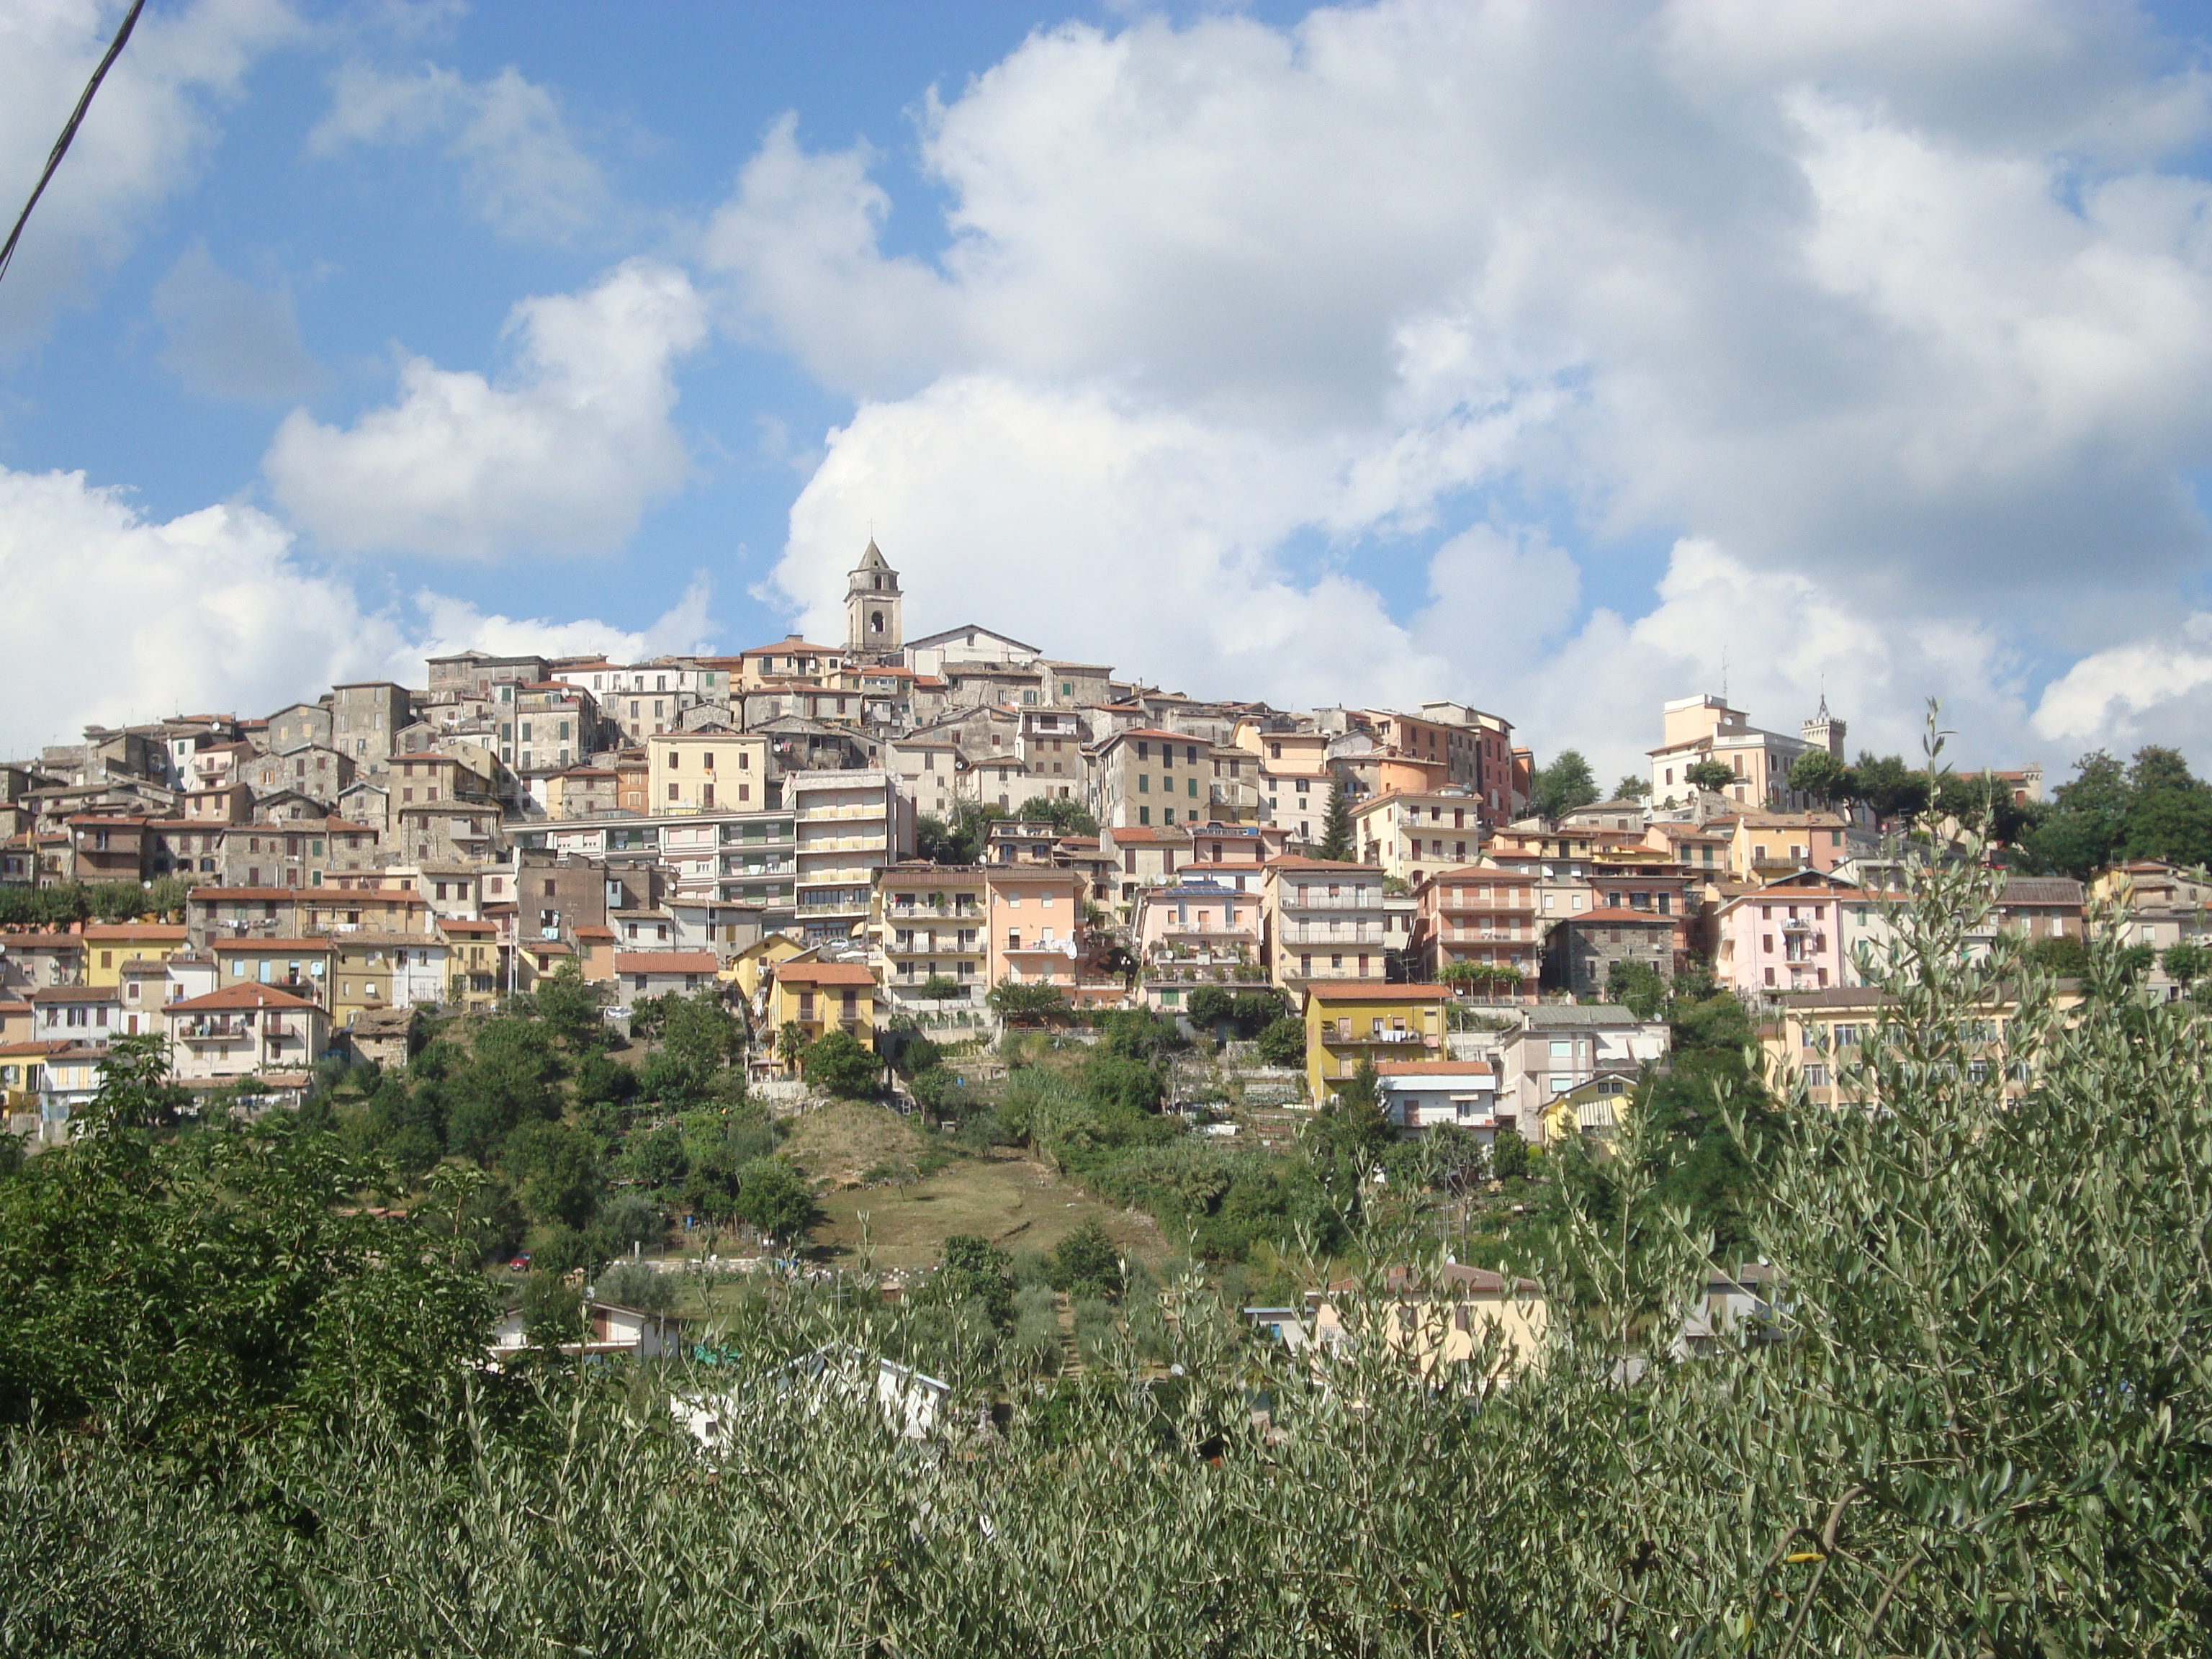 Fiuggi Italy